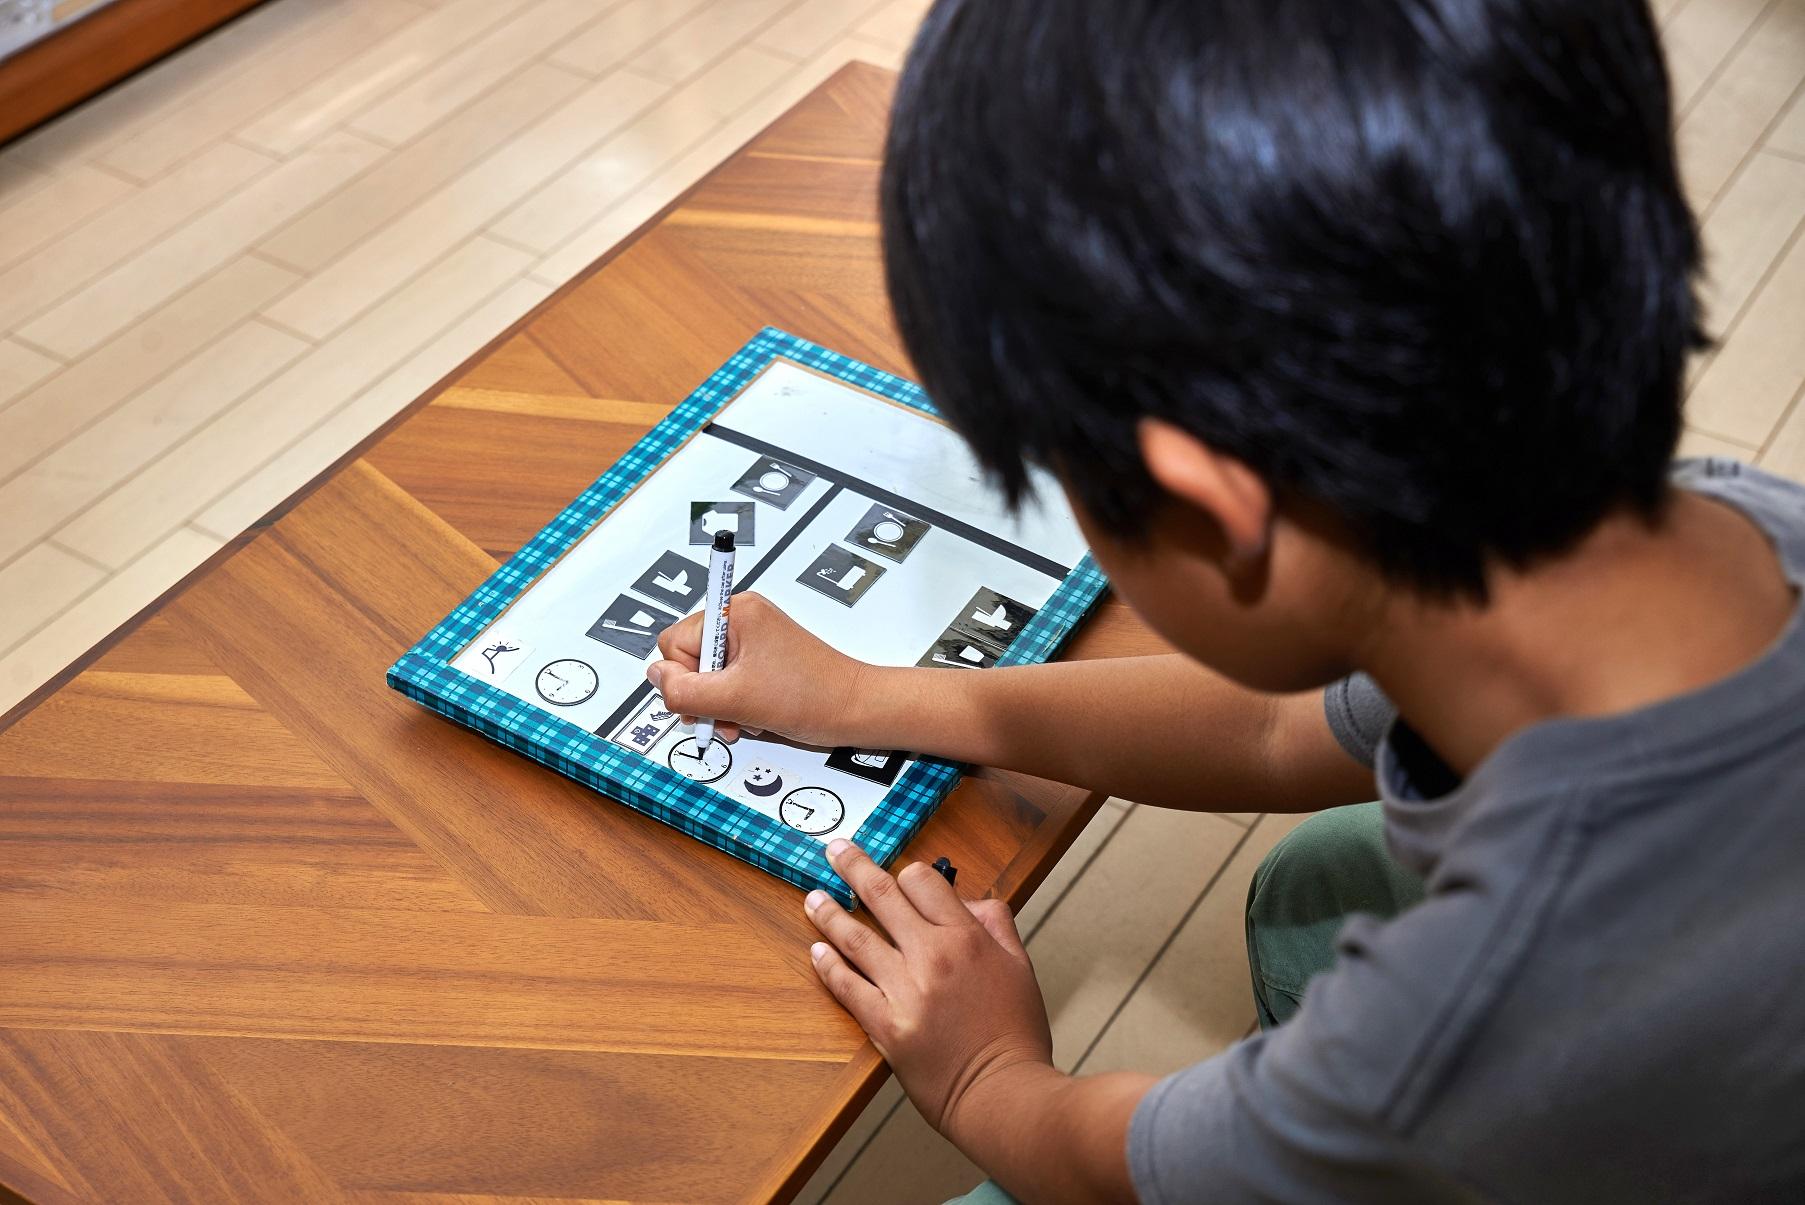 ライフオーガナイザー中村佳子さんに教わる時間管理ができる子どもに!情報を見える化して片づける方法